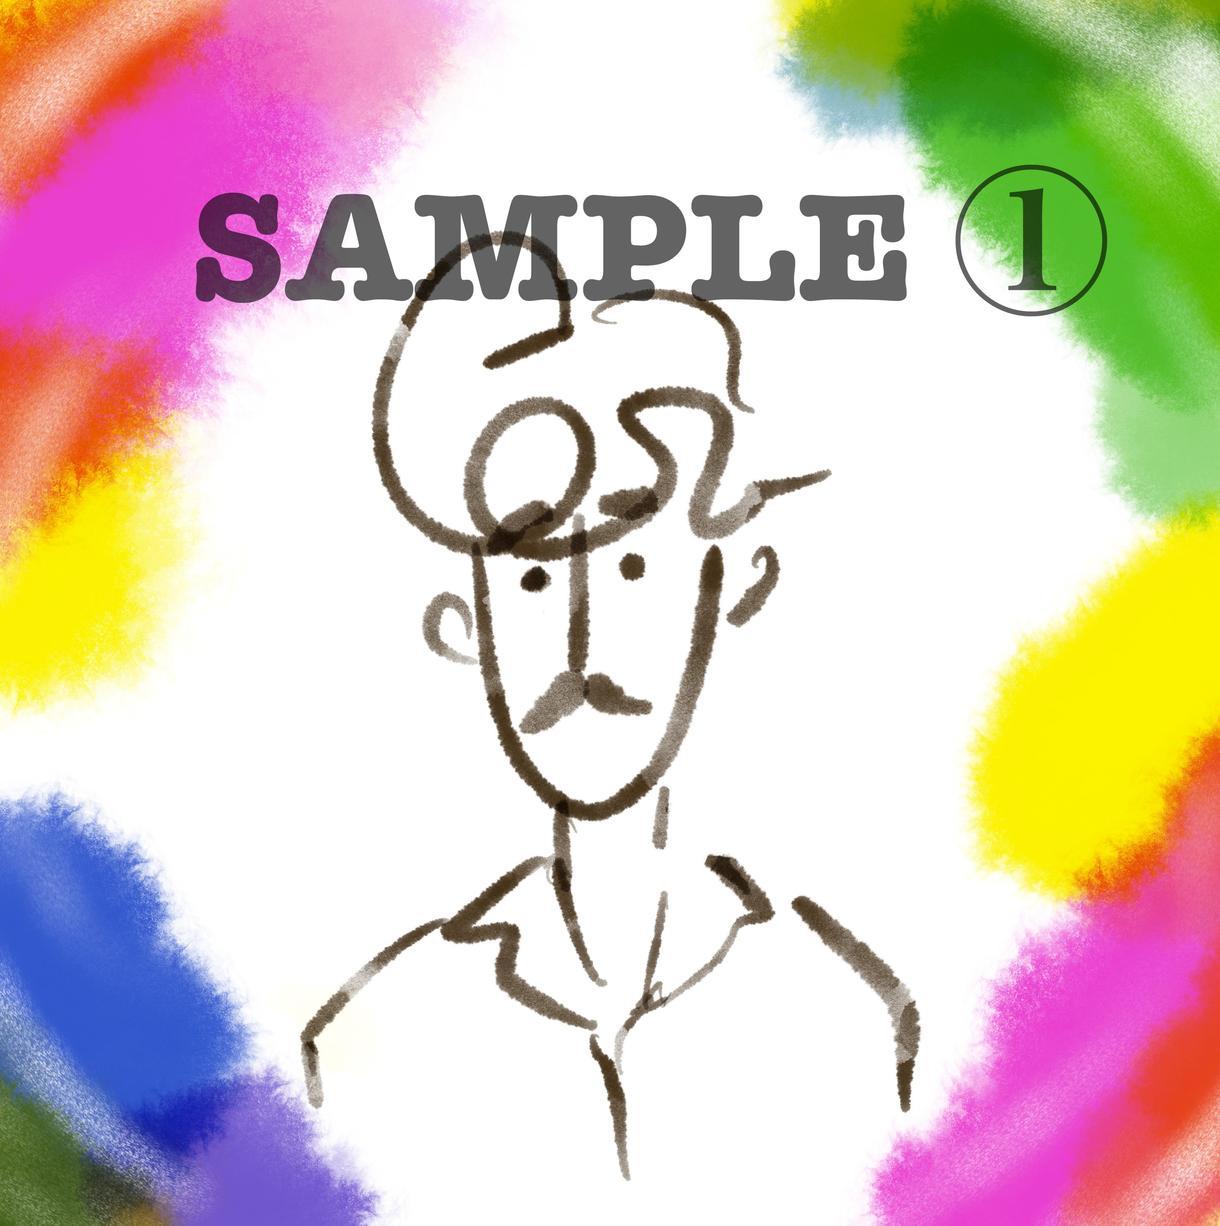 ラフスケッチ風のイラスト、アイコン描きます SNSアイコンや名刺などにご活用下さい♪ イメージ1